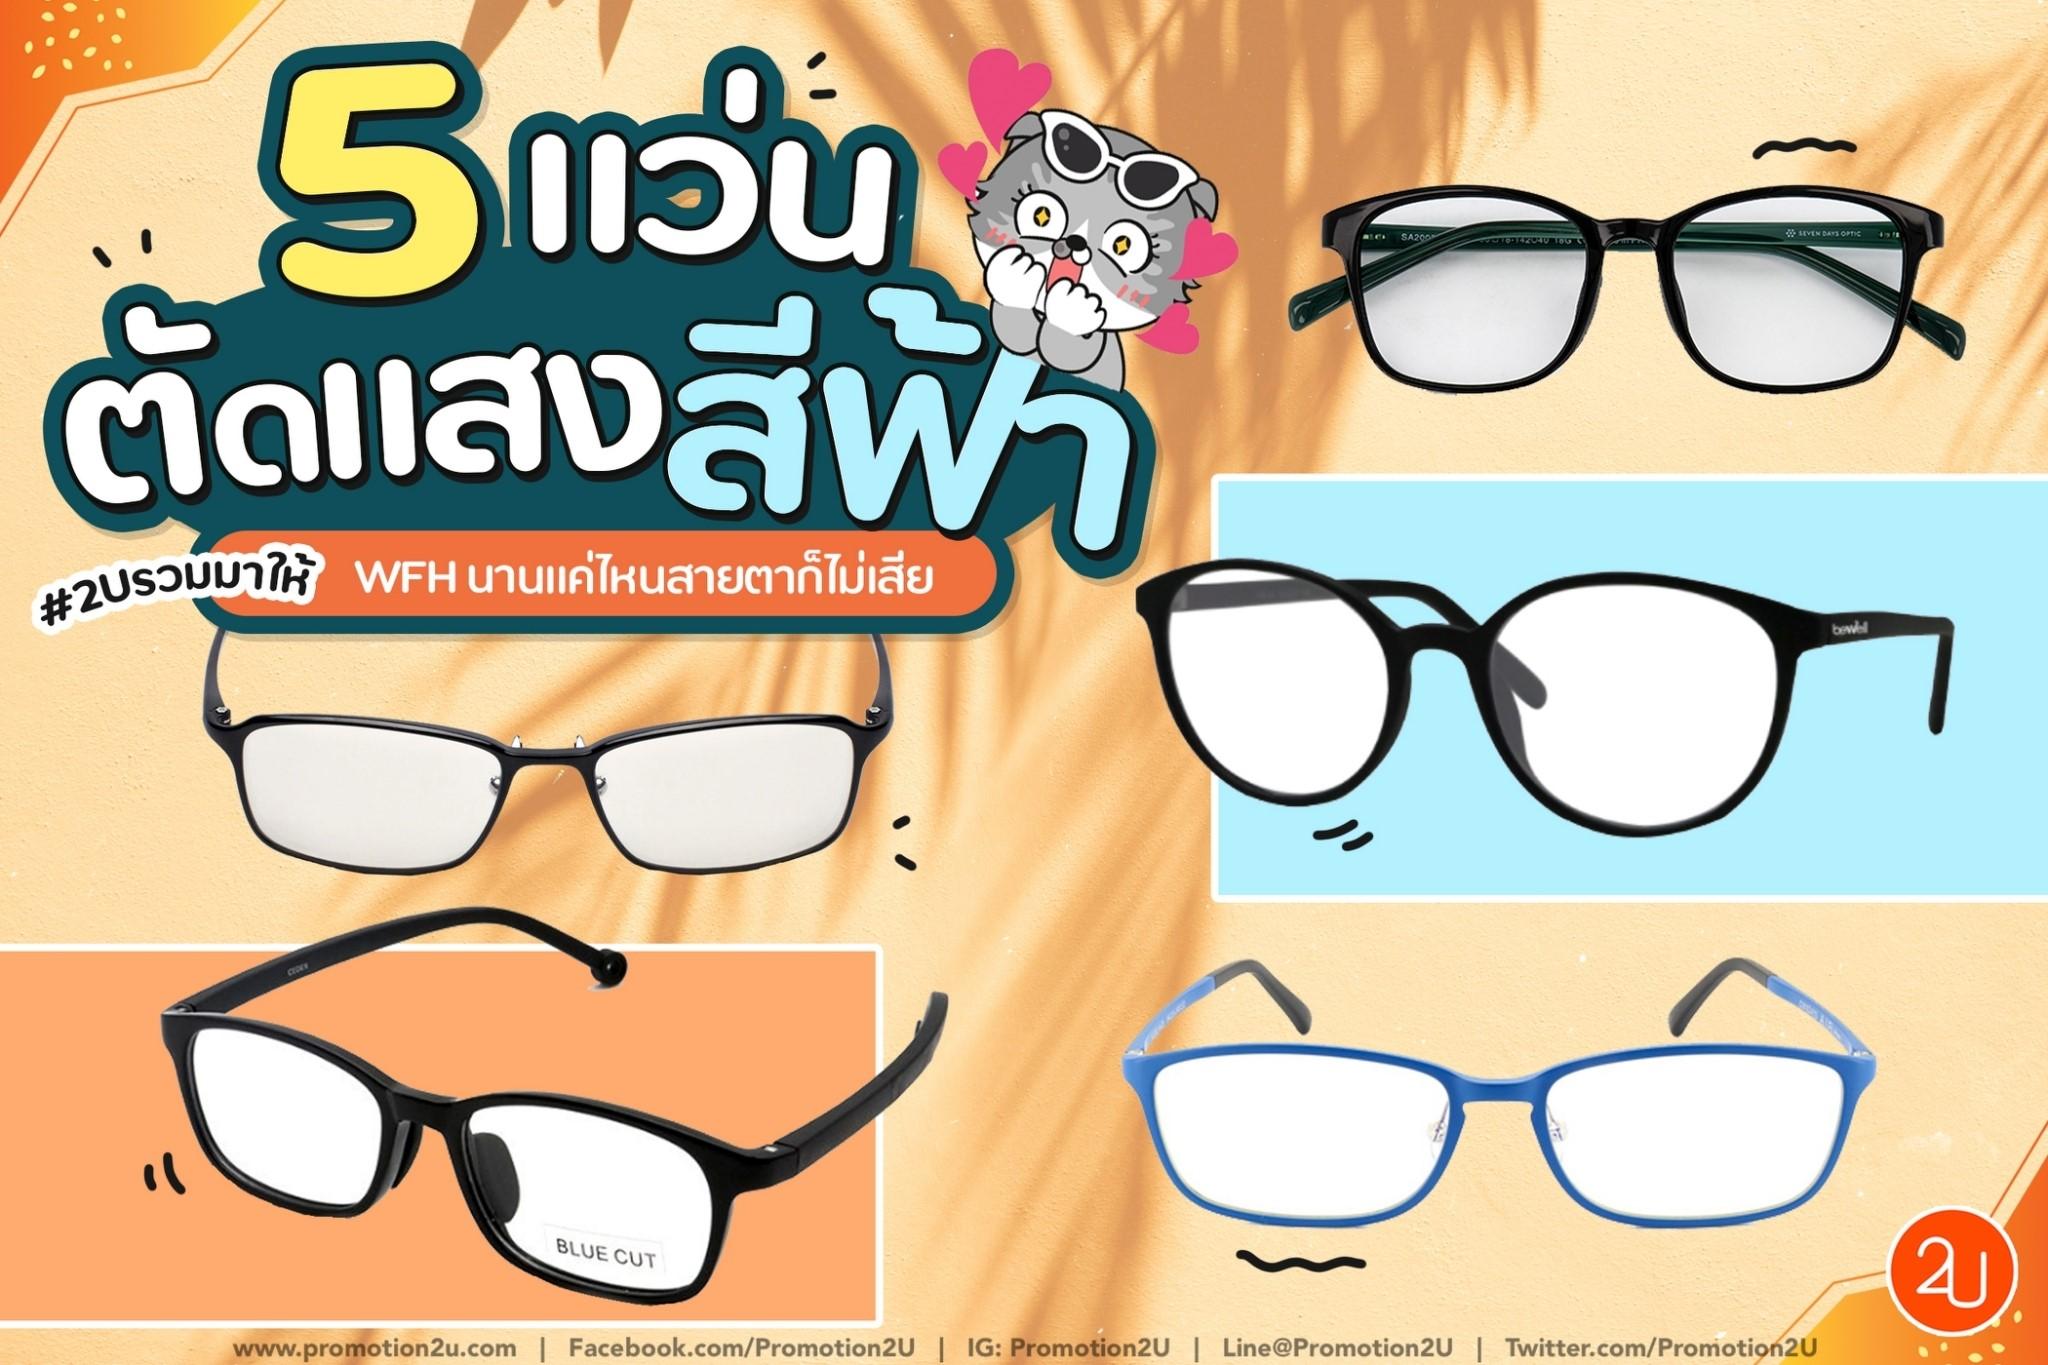 รวมให้แล้ว! 5 แว่นตาตัดแสงสีฟ้าถนอมสายตา เริ่ม 390.-